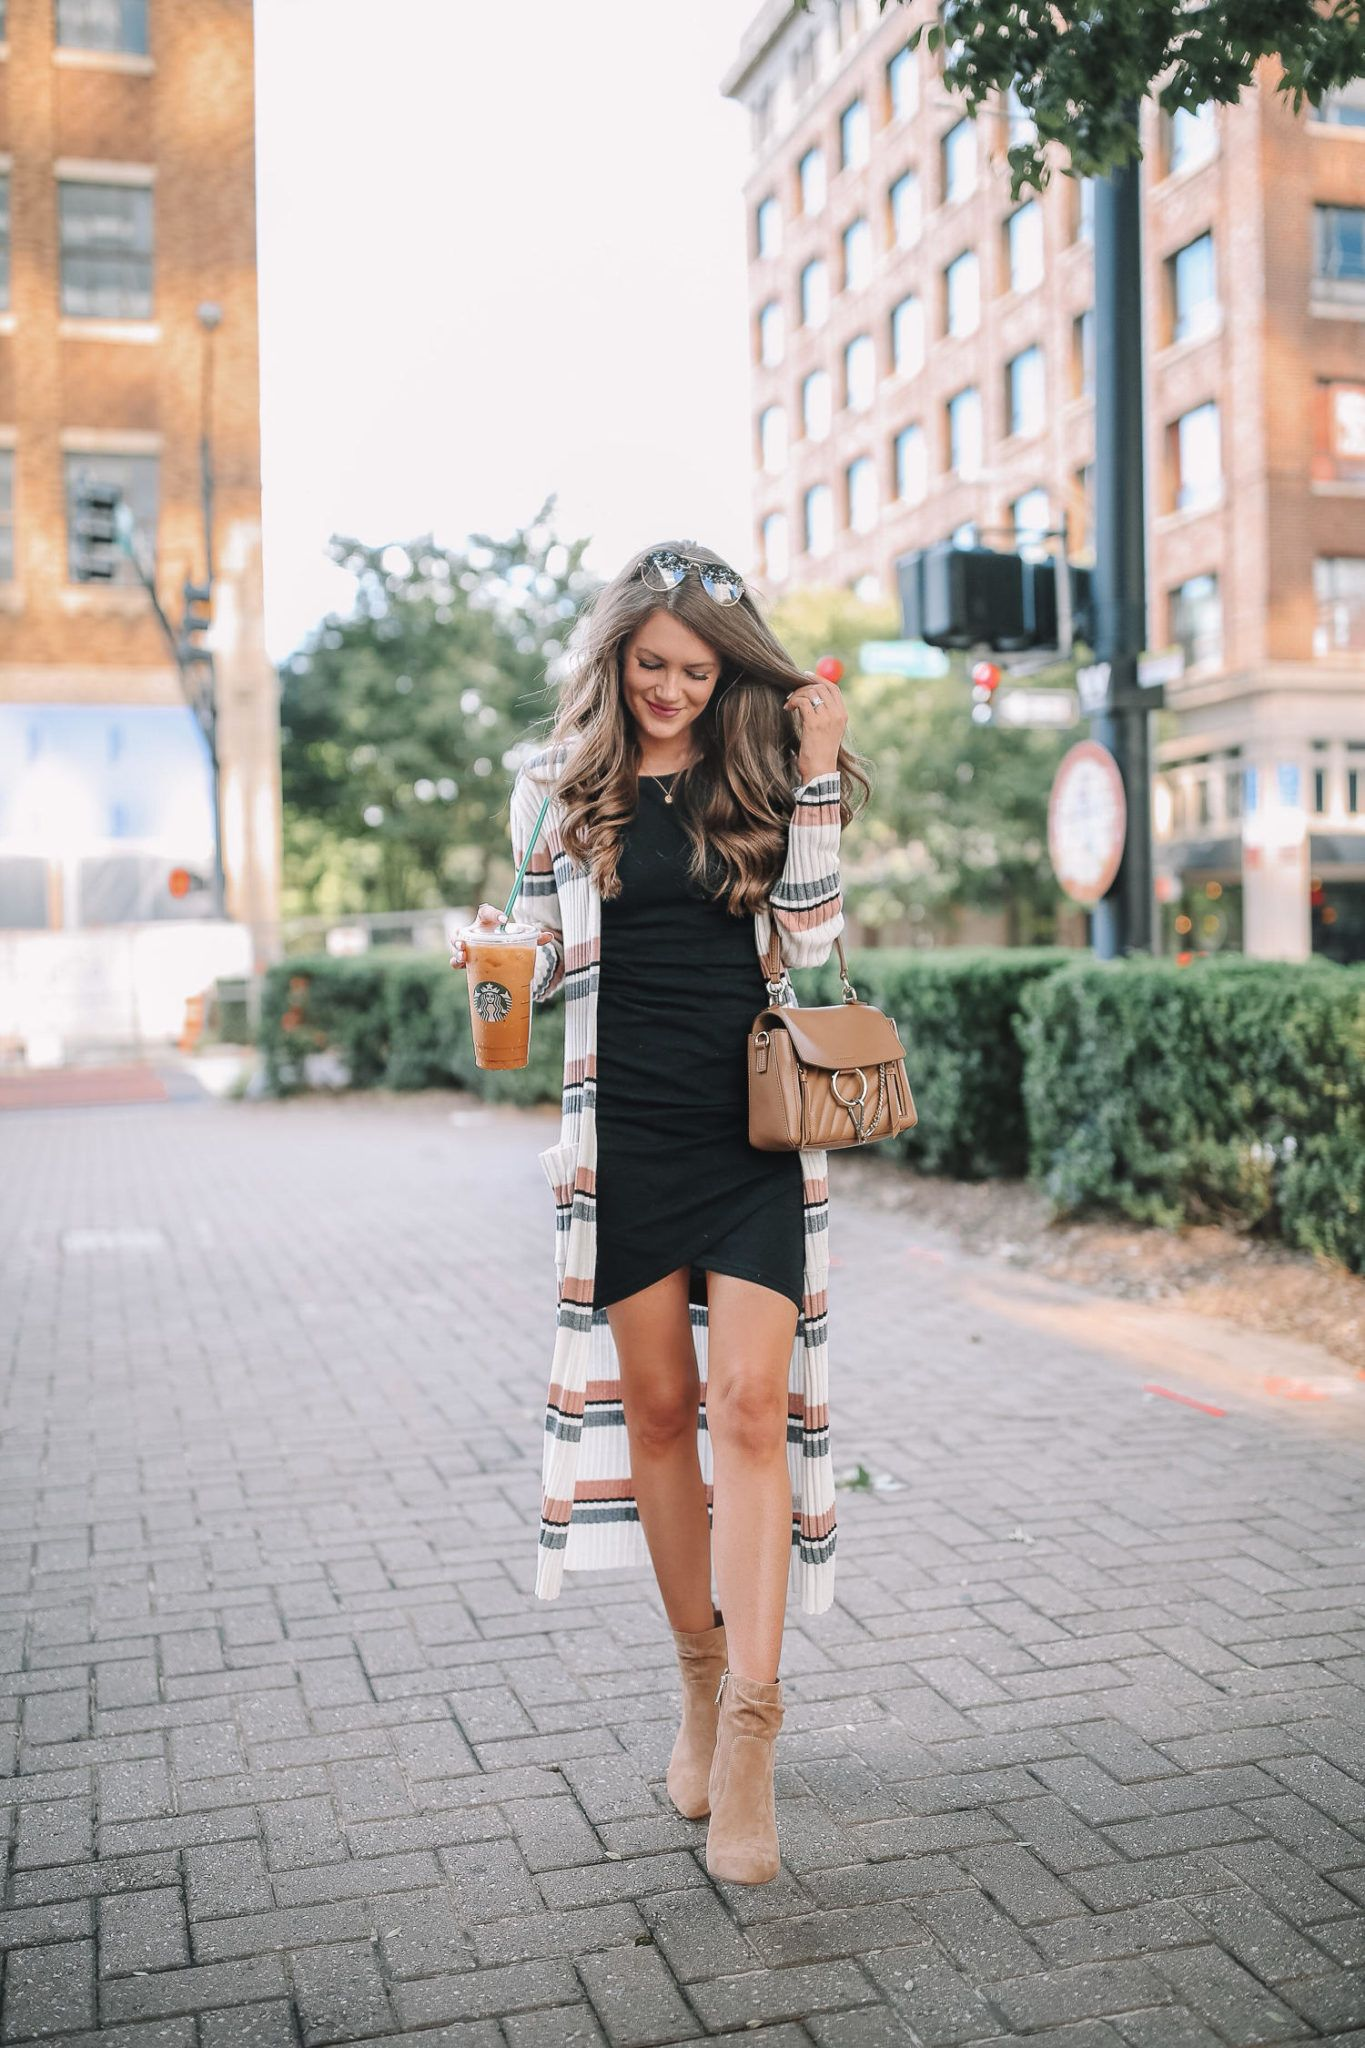 Long Cardigan Outfit Inspiration Long Cardigan Outfit Fashion Outfit Inspiration Fall [ 2048 x 1365 Pixel ]